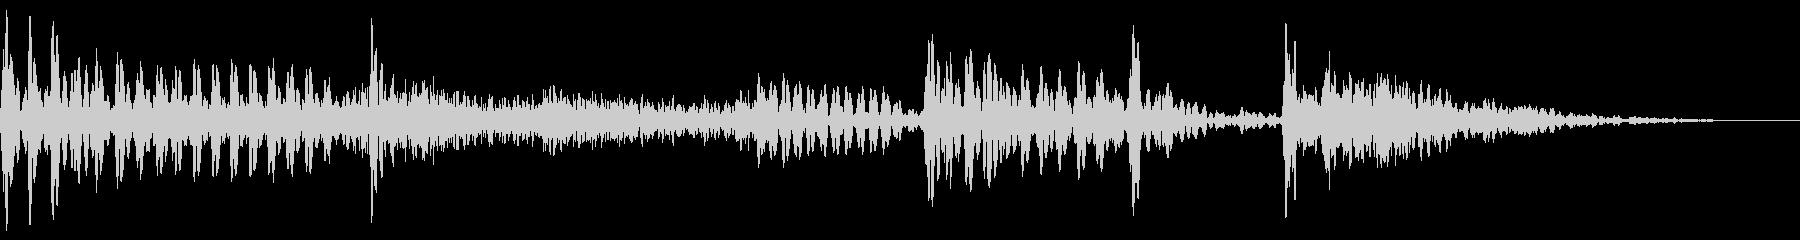 スラップベースとドラムの効果音用素材。の未再生の波形